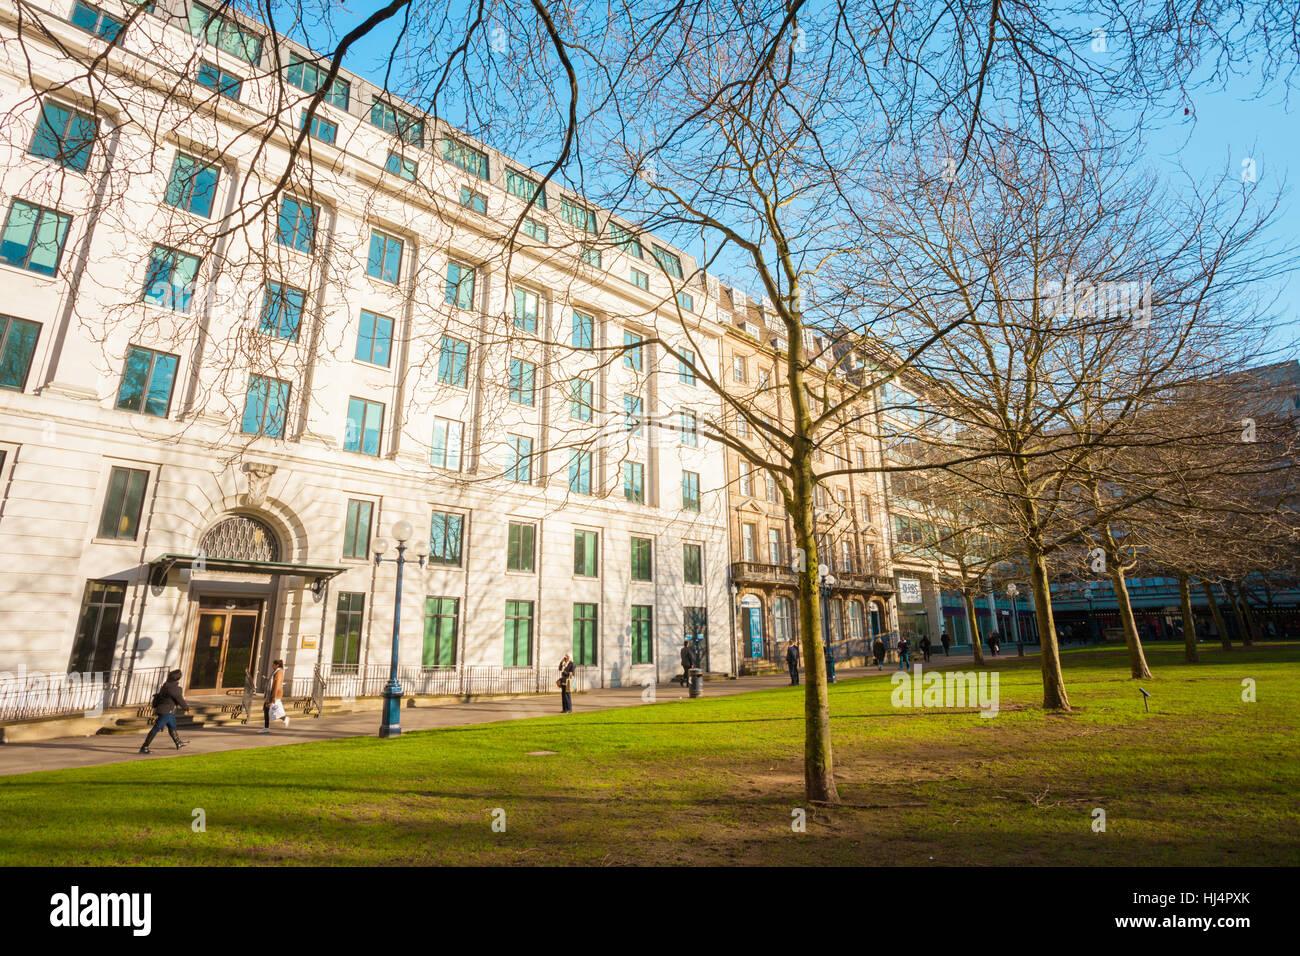 Edifici ottocenteschi situato in St Philips Cathedral Square, Birmingham REGNO UNITO Immagini Stock